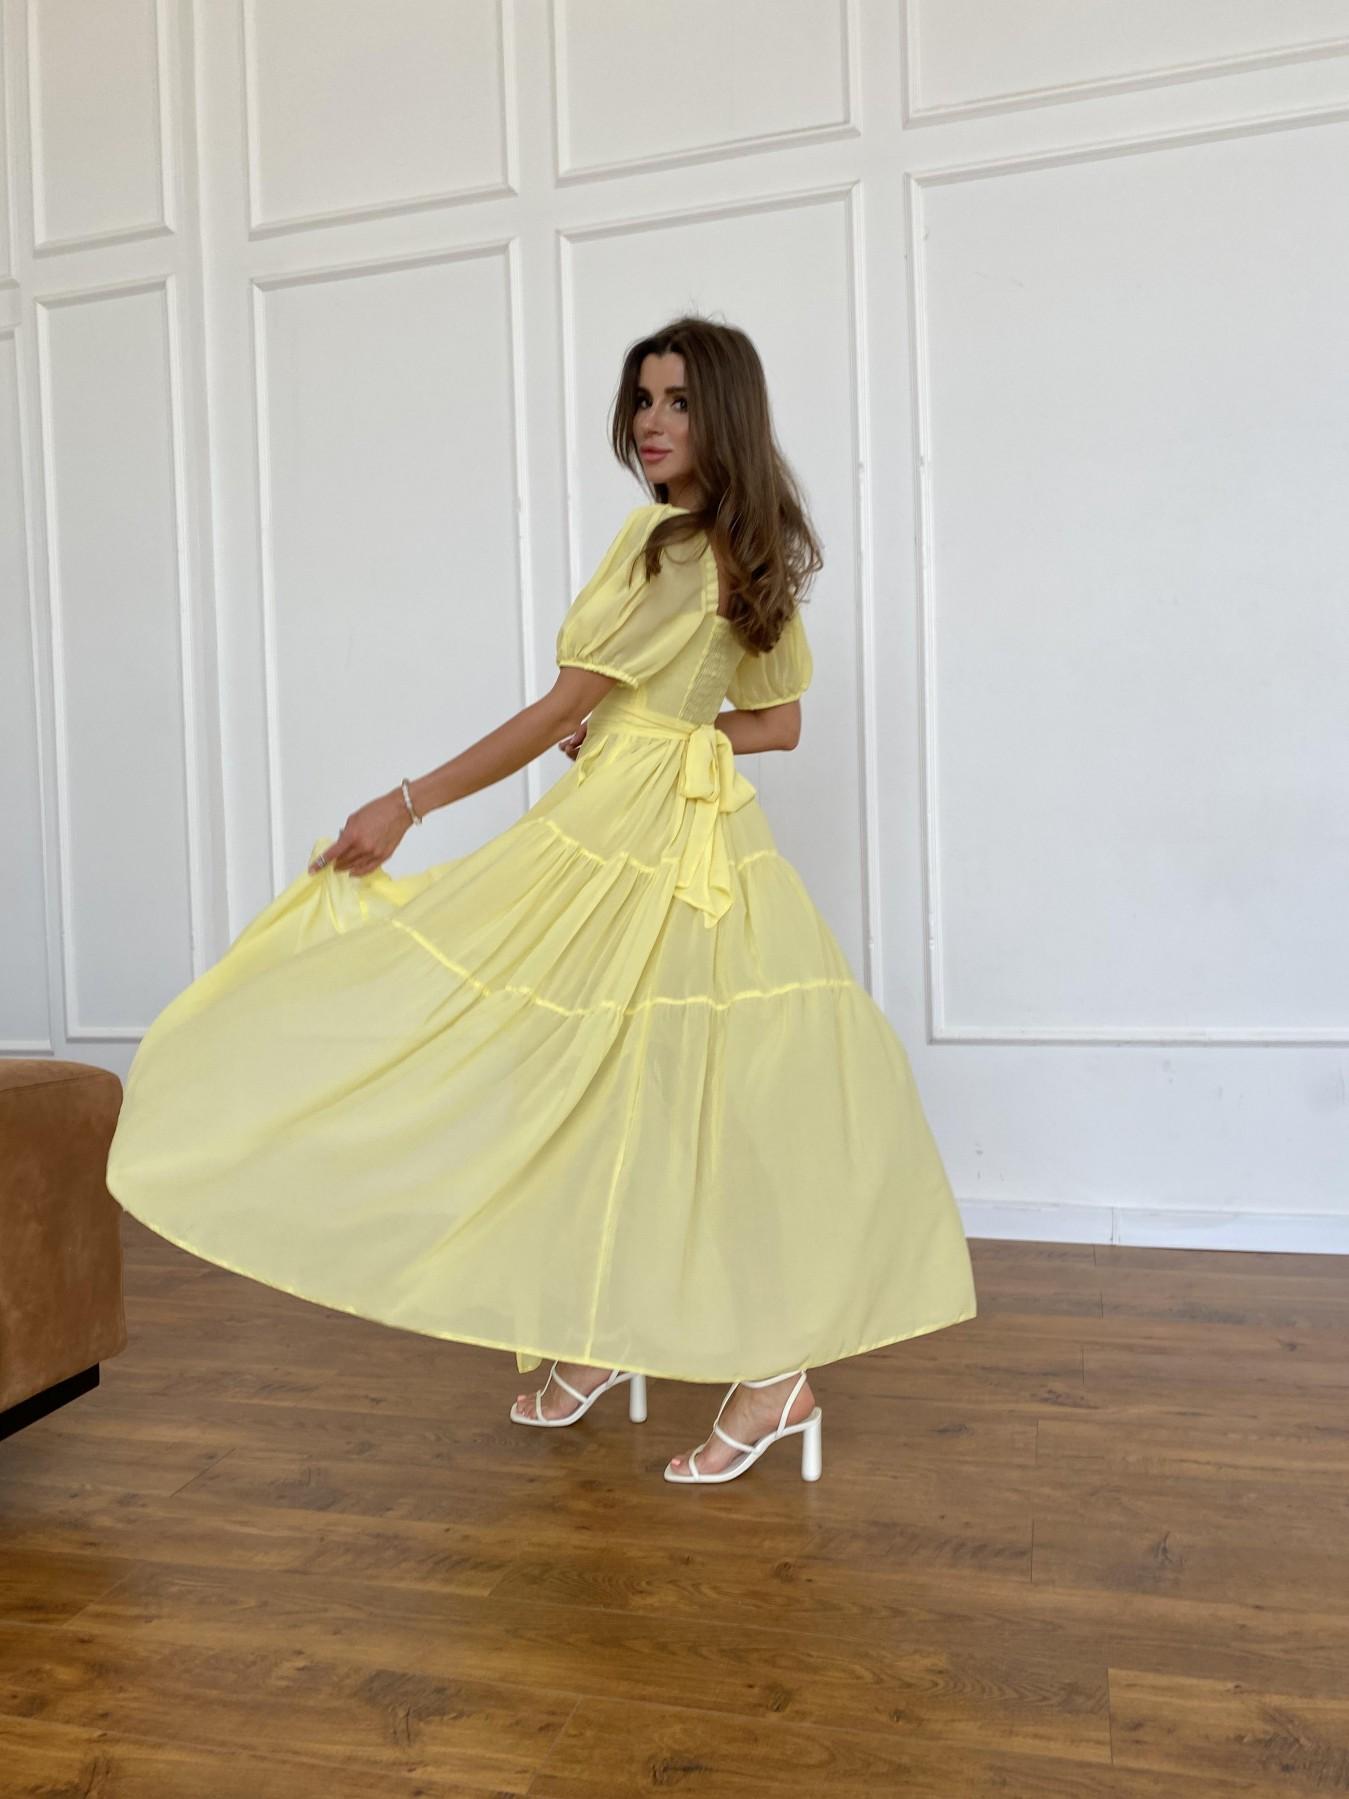 Сейшелы платье креп шифон 11519 АРТ. 48161 Цвет: Желтый - фото 5, интернет магазин tm-modus.ru